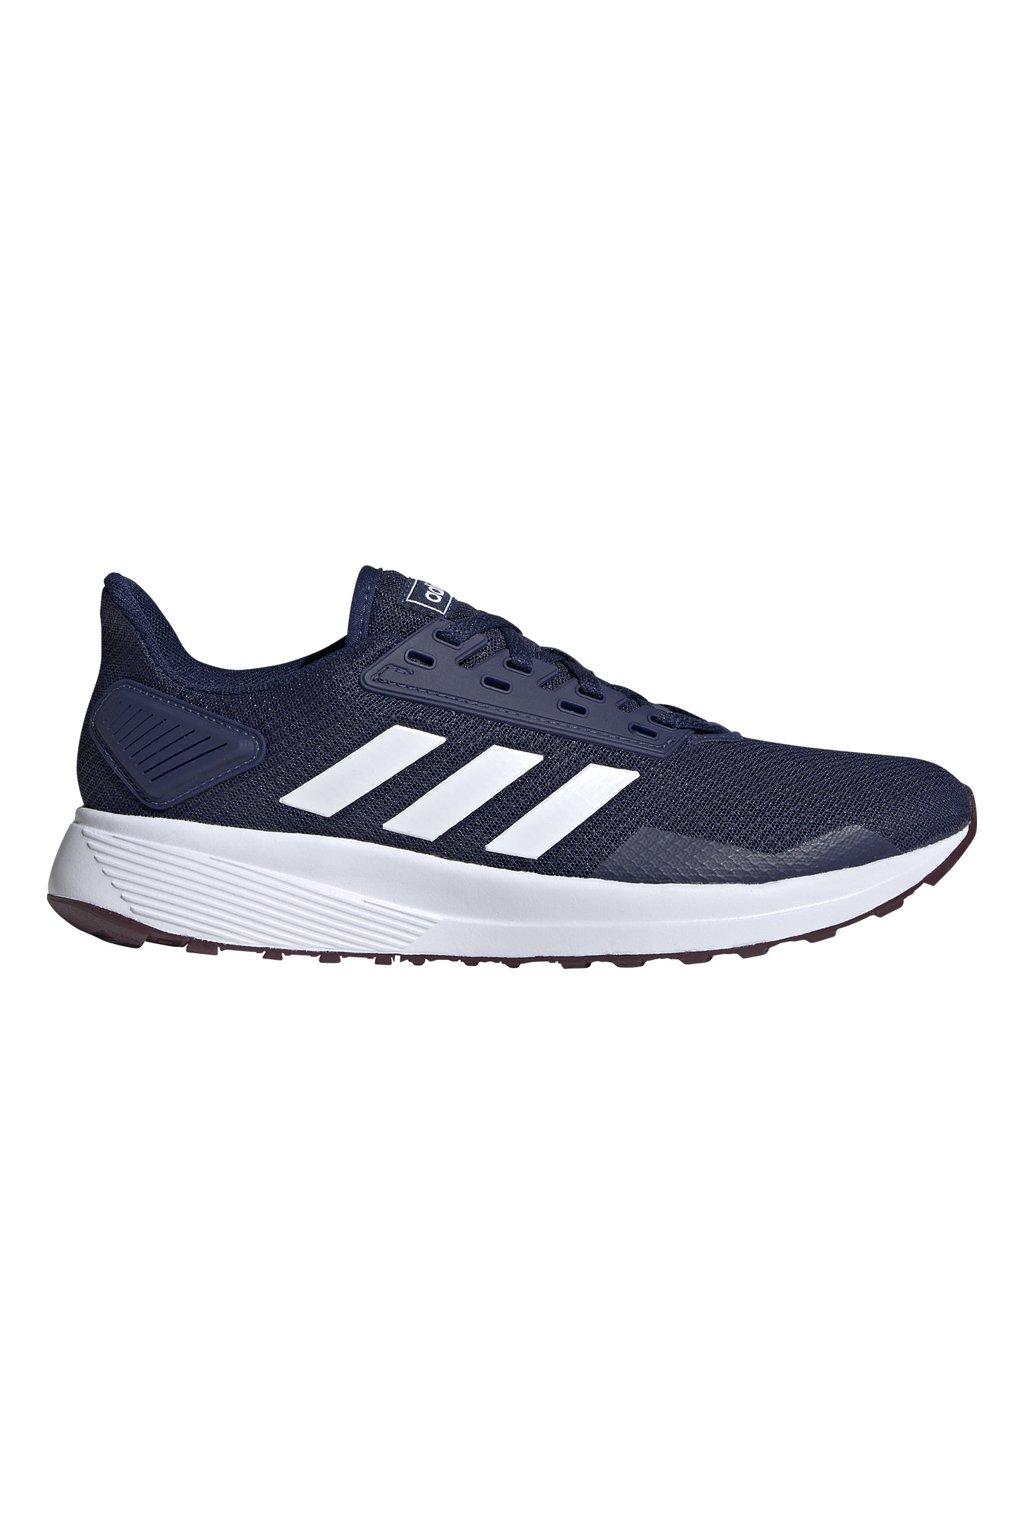 Pánske tenisky Adidas Duramo 9 námornícka modrá EE7922